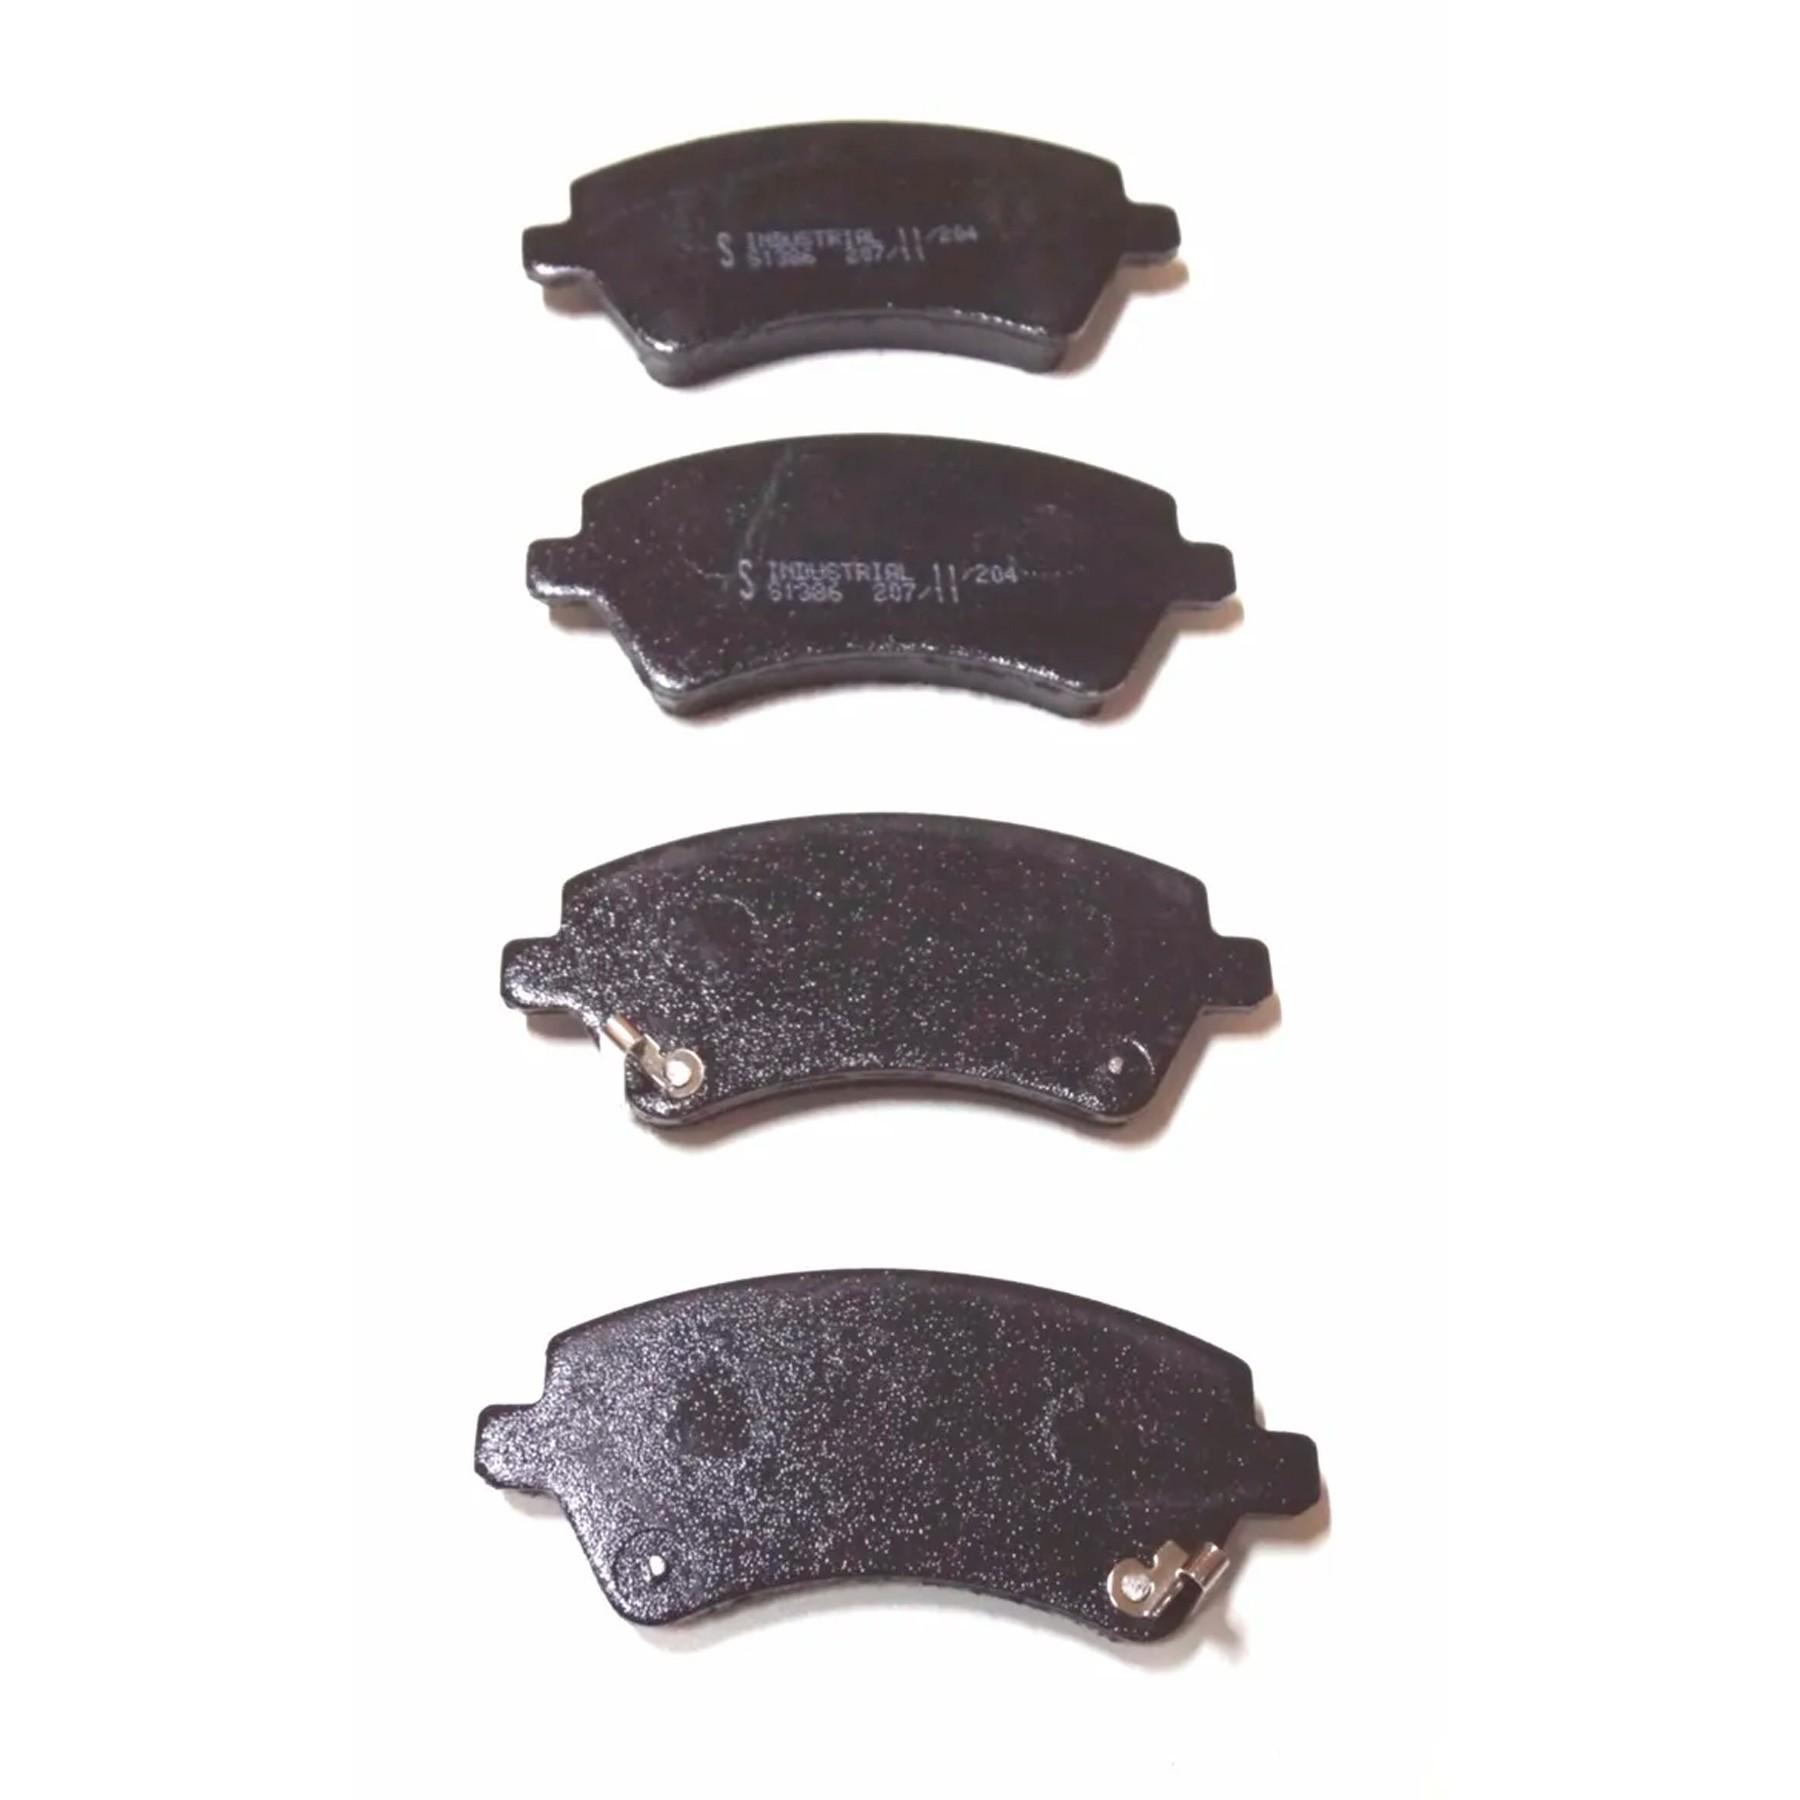 Pastilha de Freio Corolla– 1386-Syl (sem isolador) 2002 a 2006/2005 a 2008